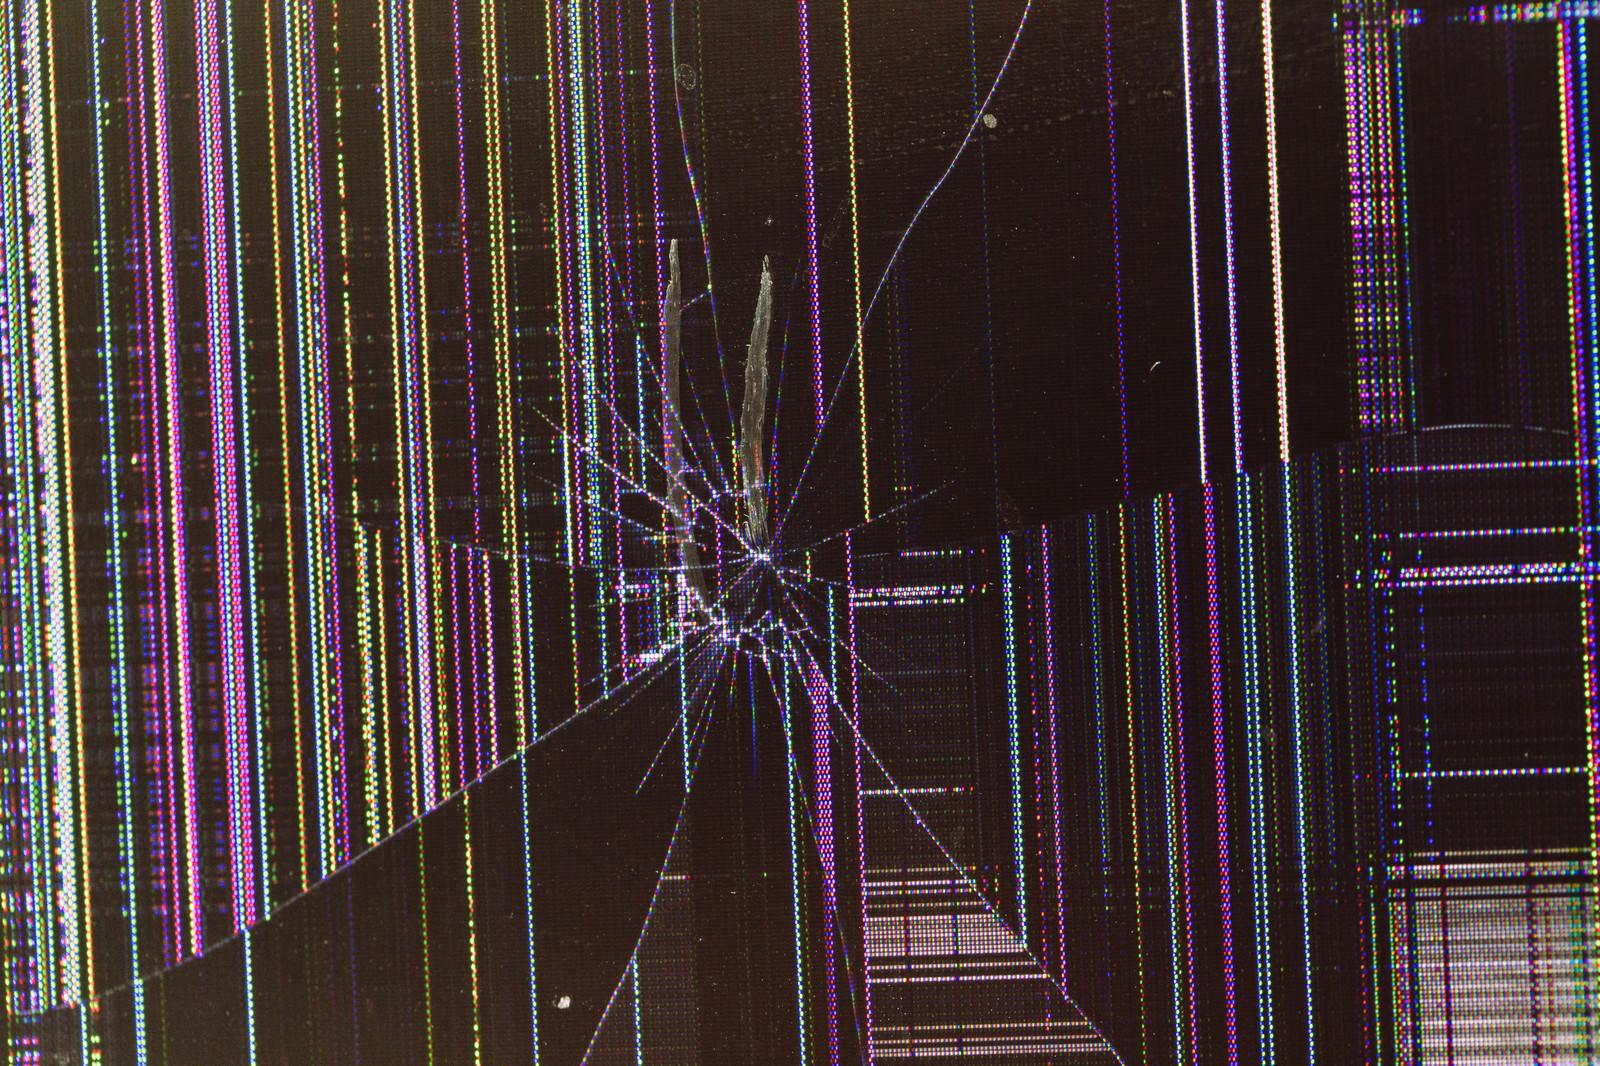 「この画像を全画面表示したら確実に破損した液晶モニターだと思われる」の写真